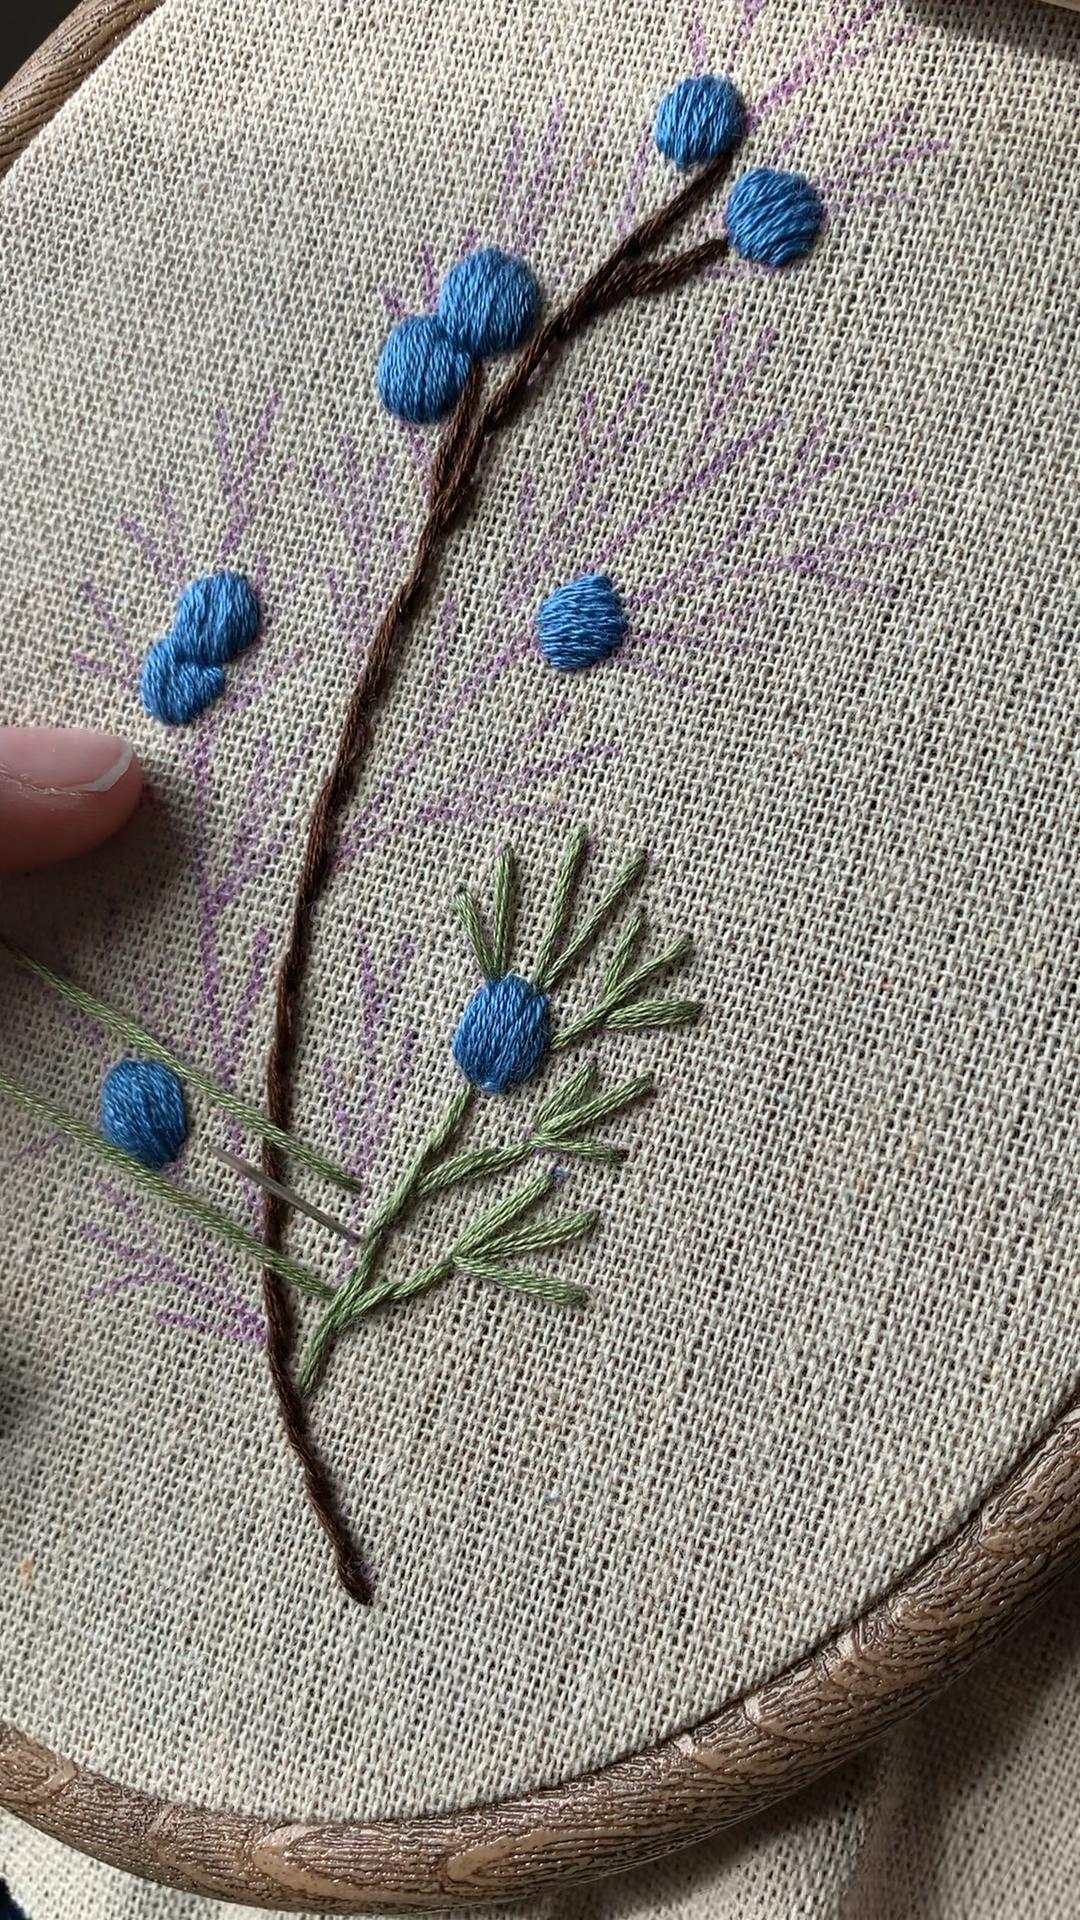 Stem Stitch